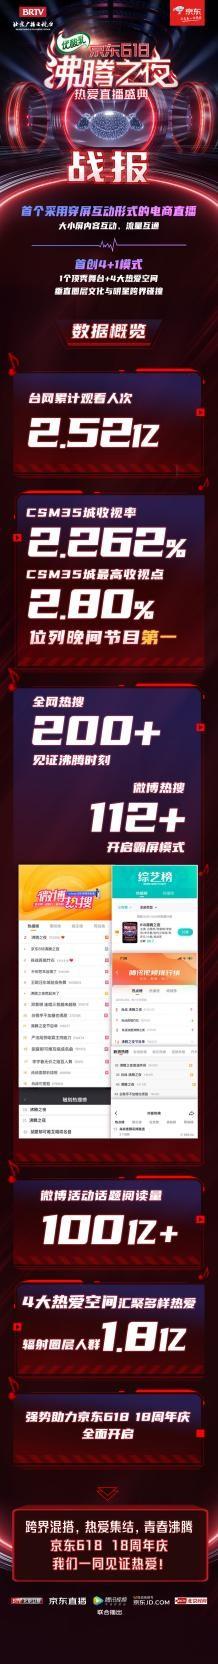 台网累计观看人次高达2.52亿!京东618沸腾之夜引发全网为热爱狂欢-产业互联网